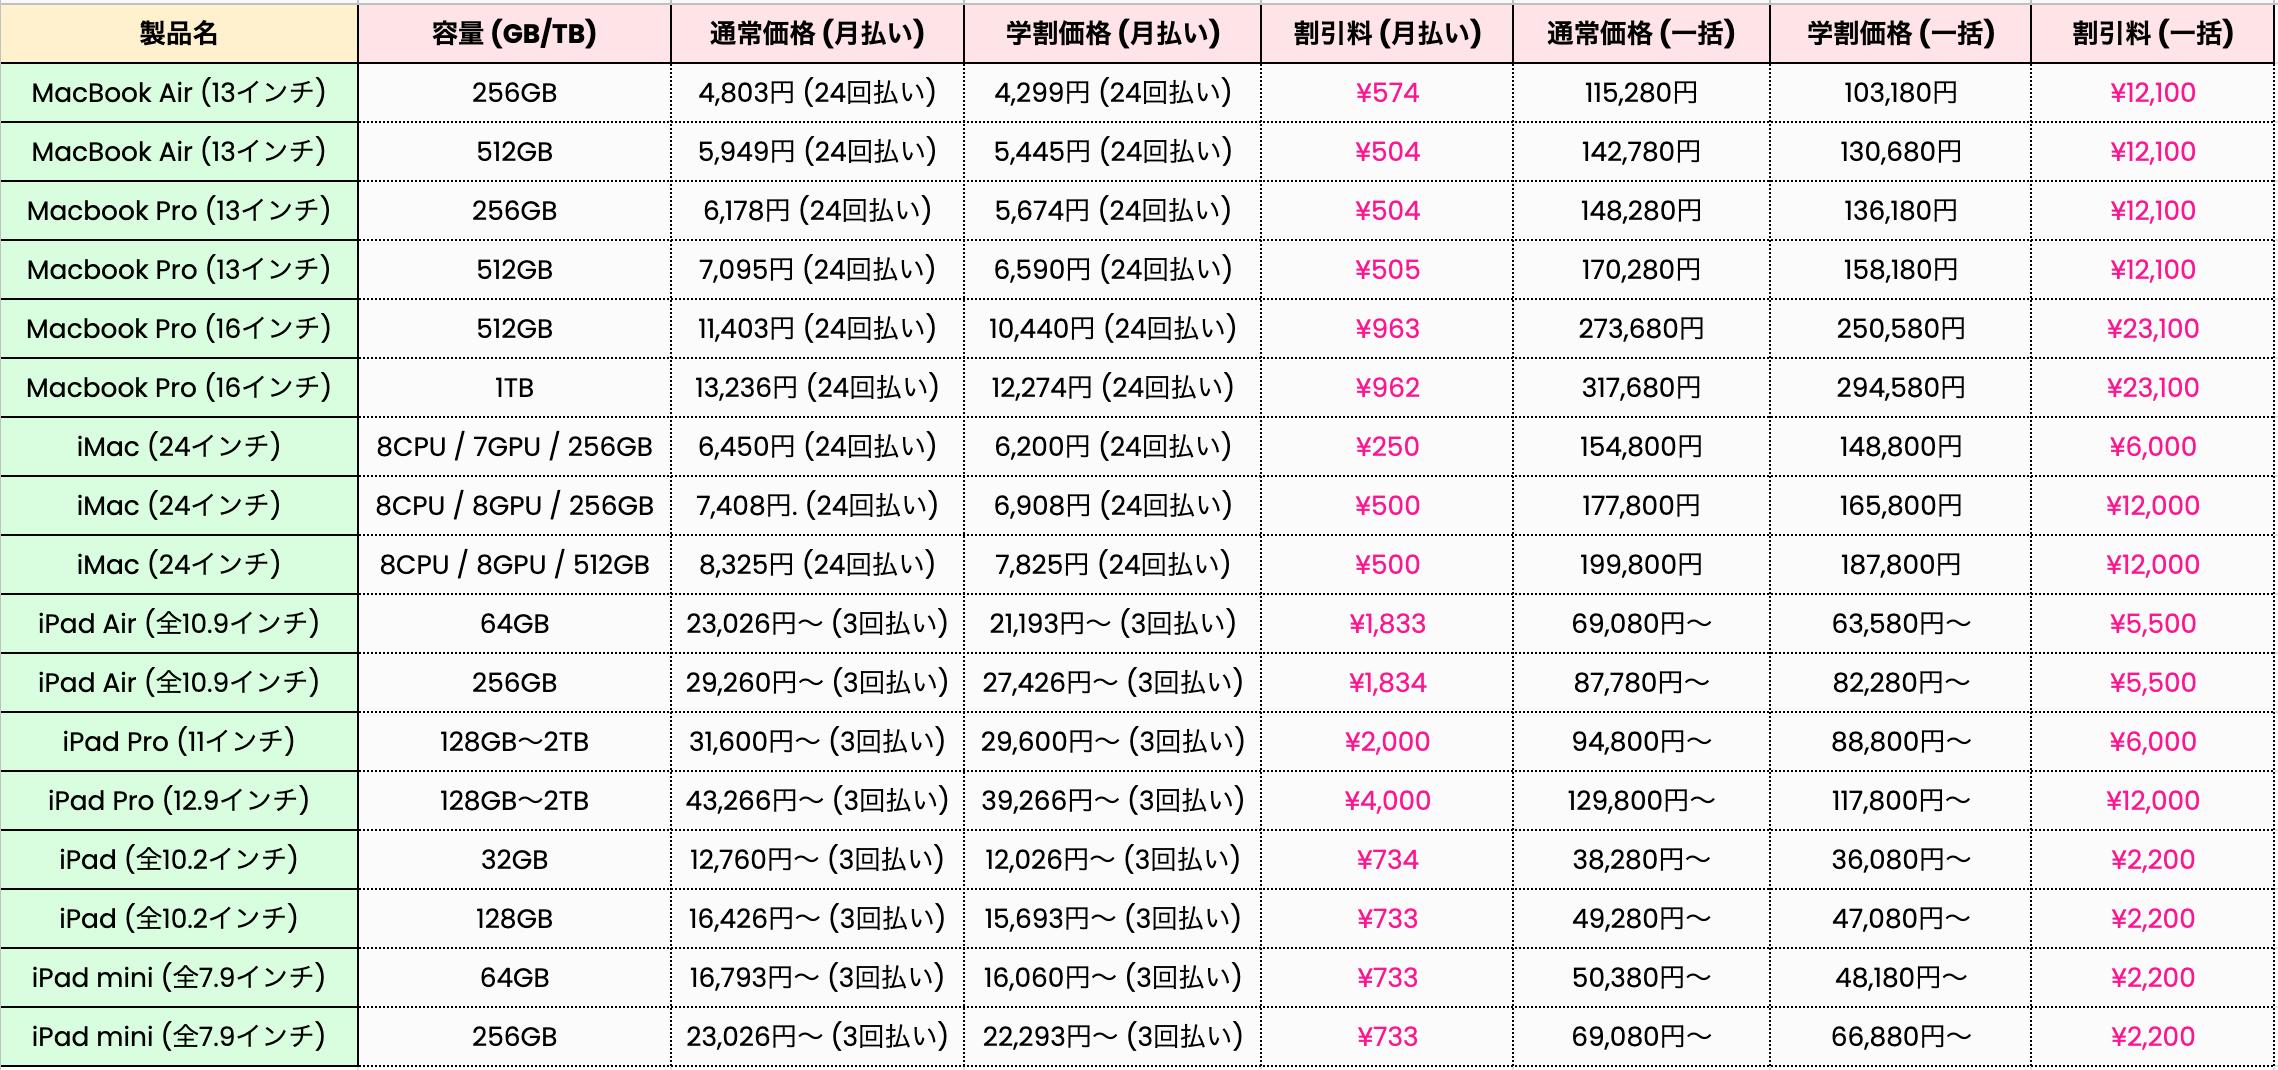 Apple製品学割価格一覧表